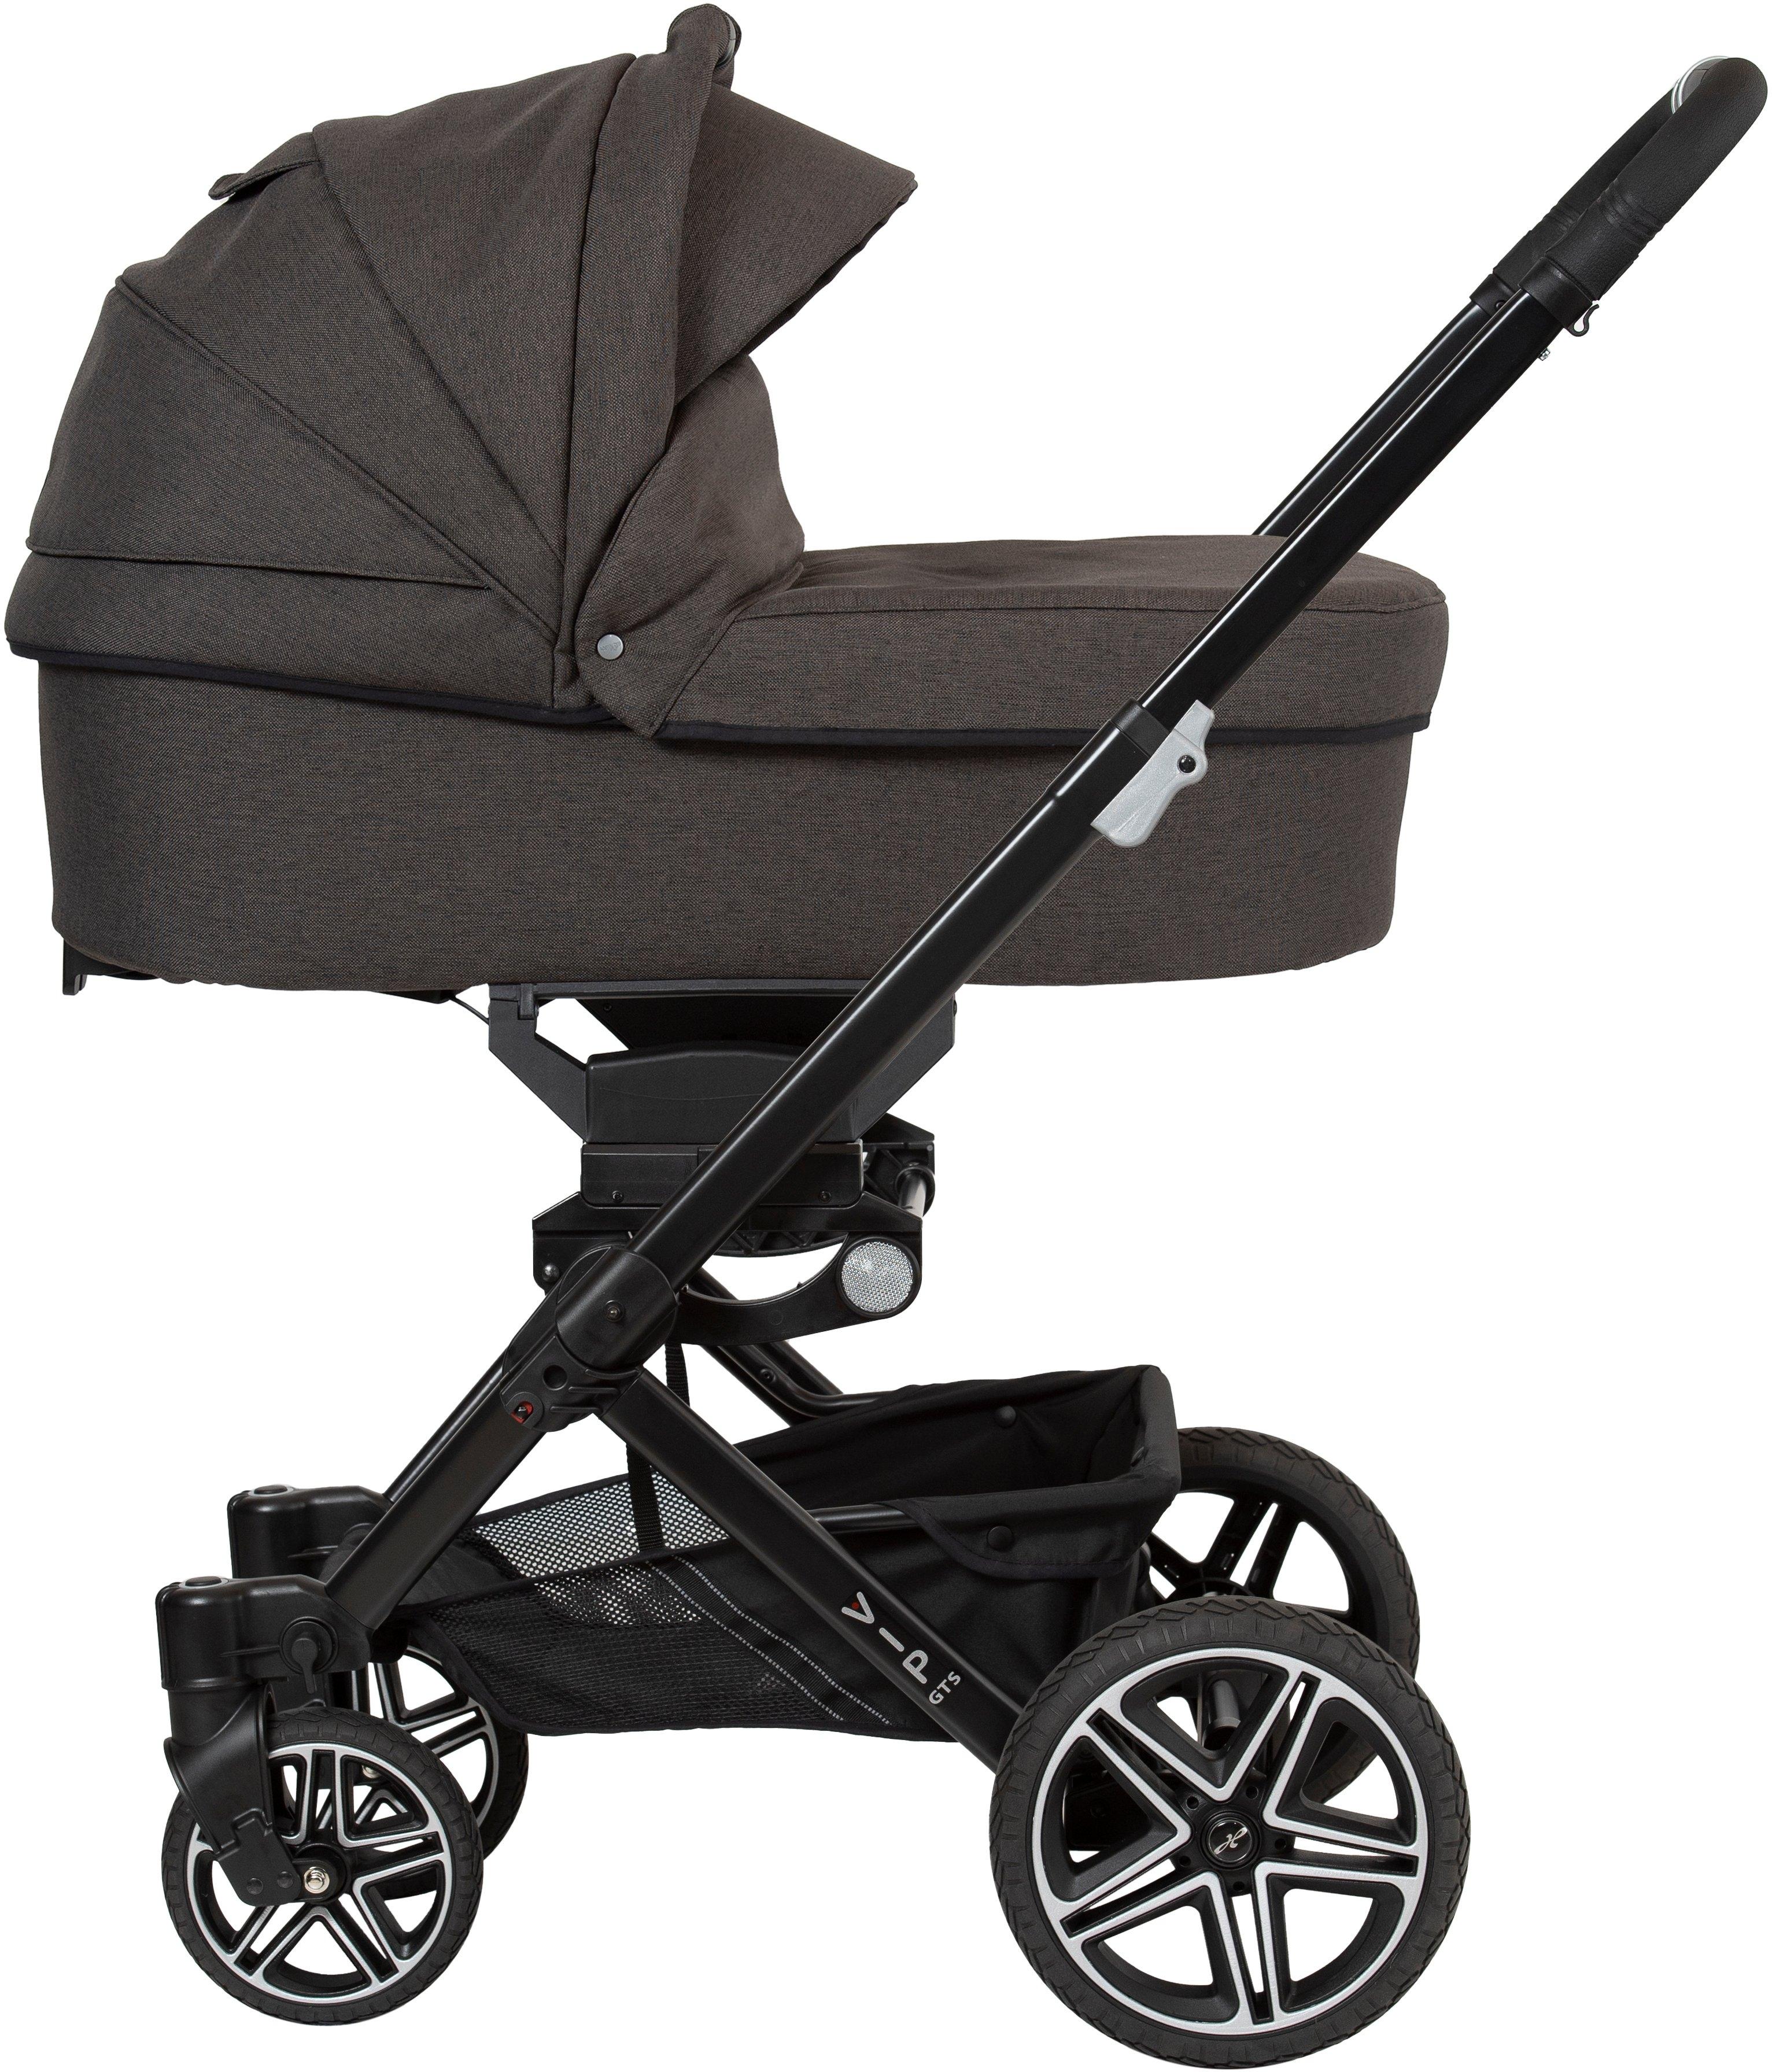 Hartan combi-kinderwagen Vip GTS - s.Oliver met opvouwbare tas; made in germany; kinderwagen nu online bestellen